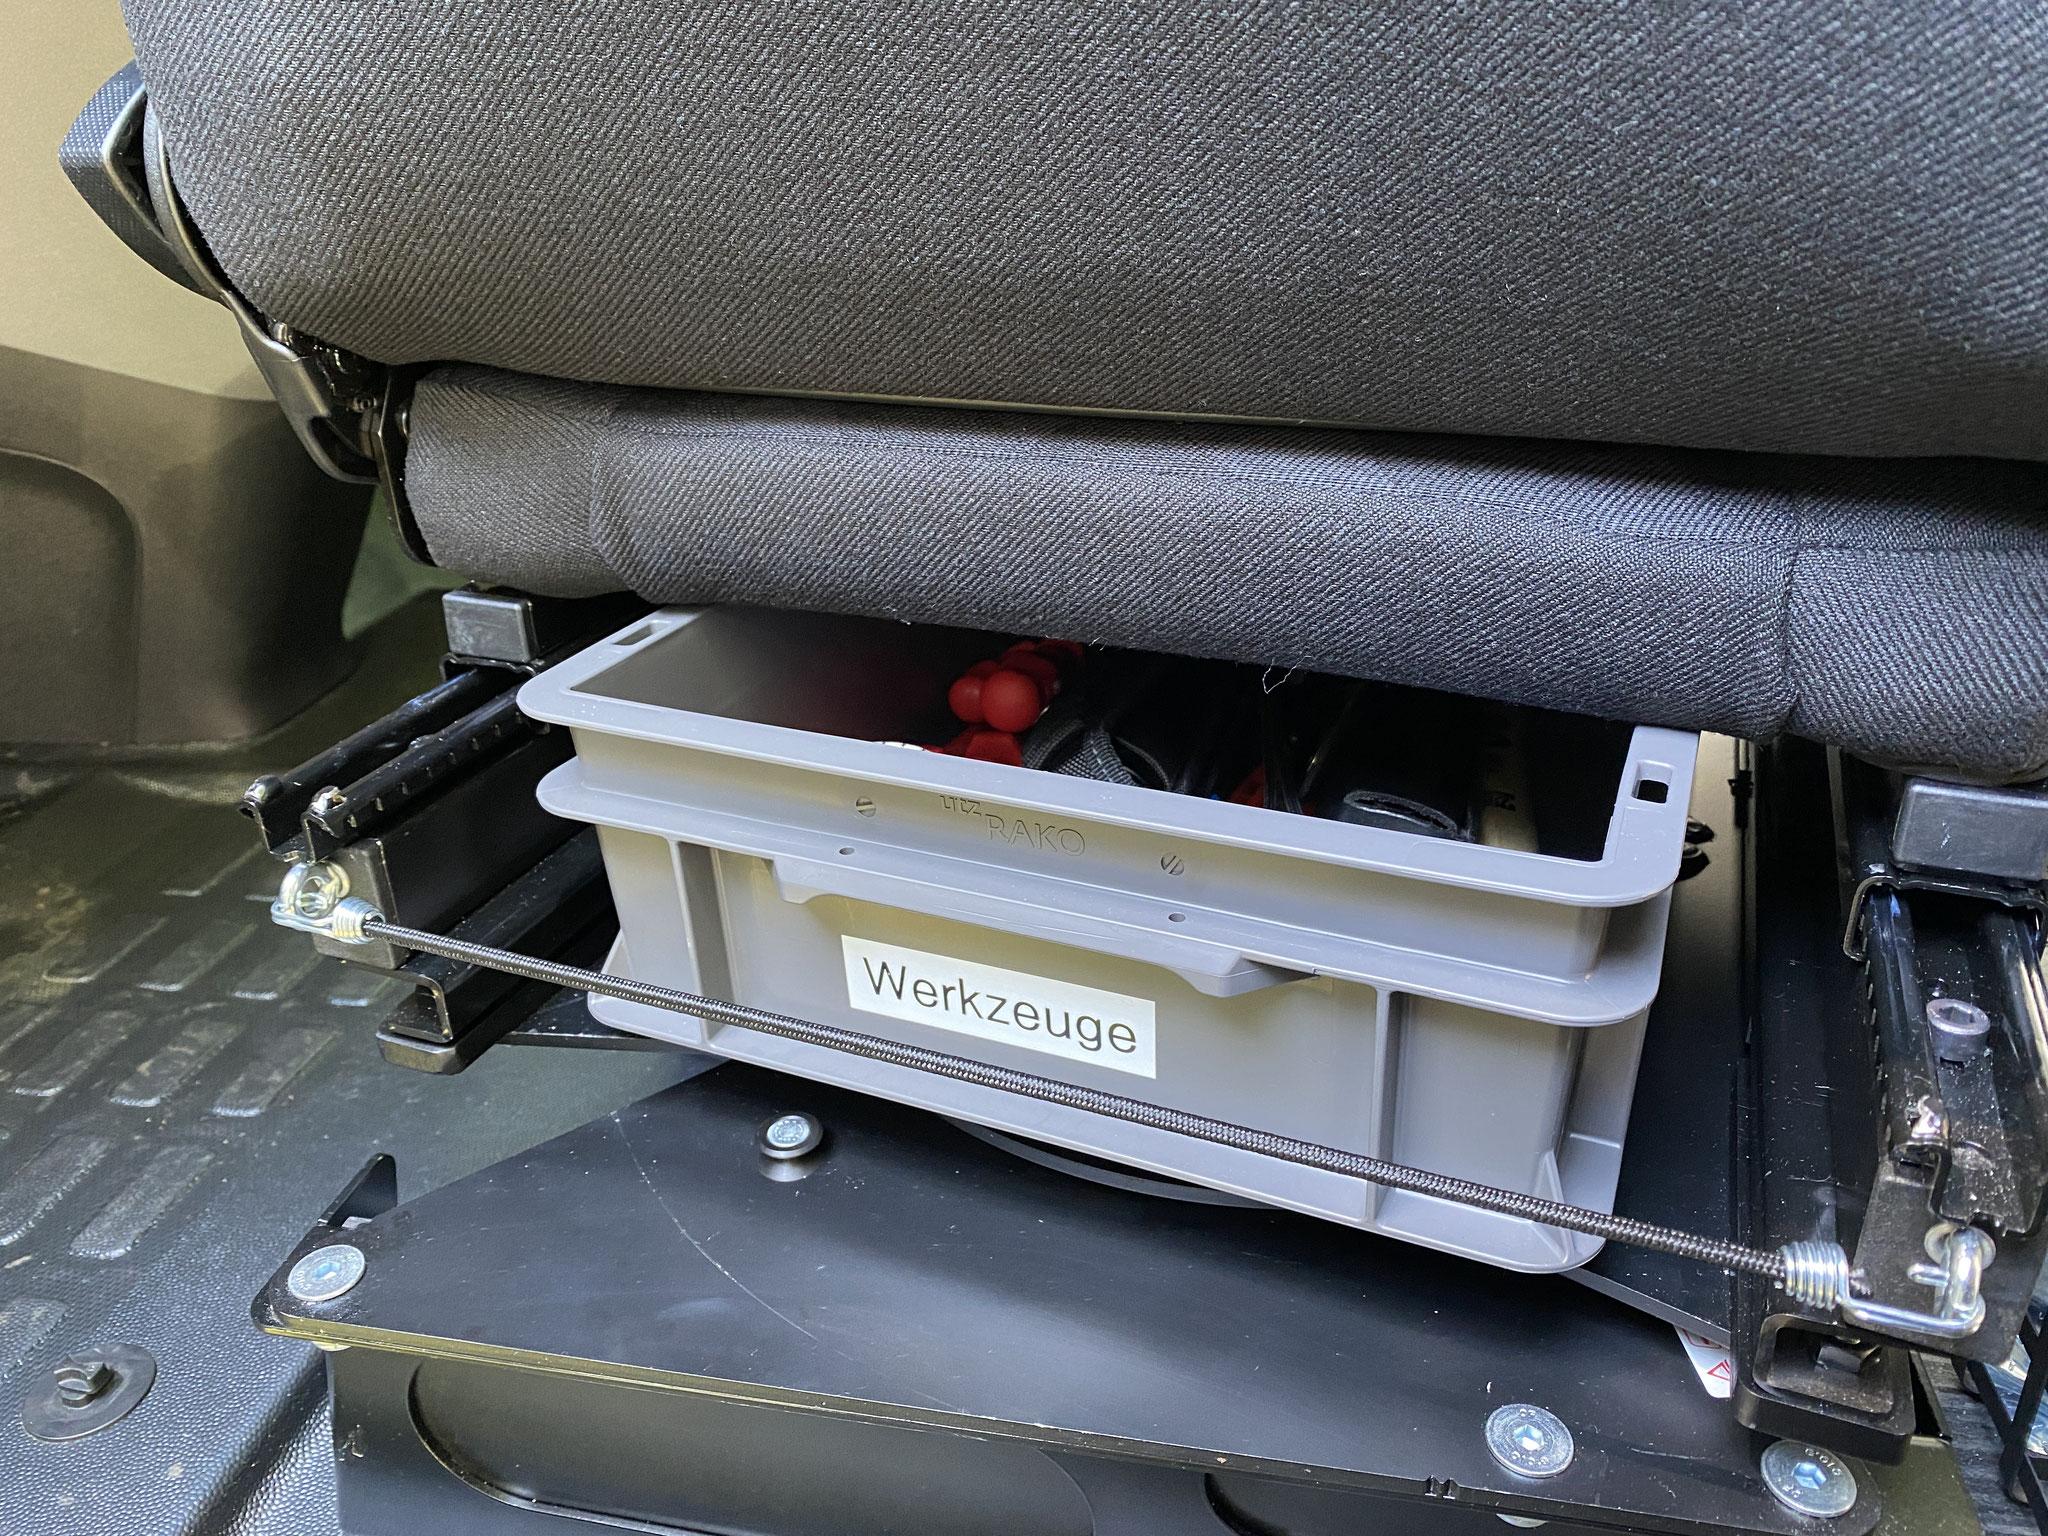 Werkzeugkiste unter Fahrersitz